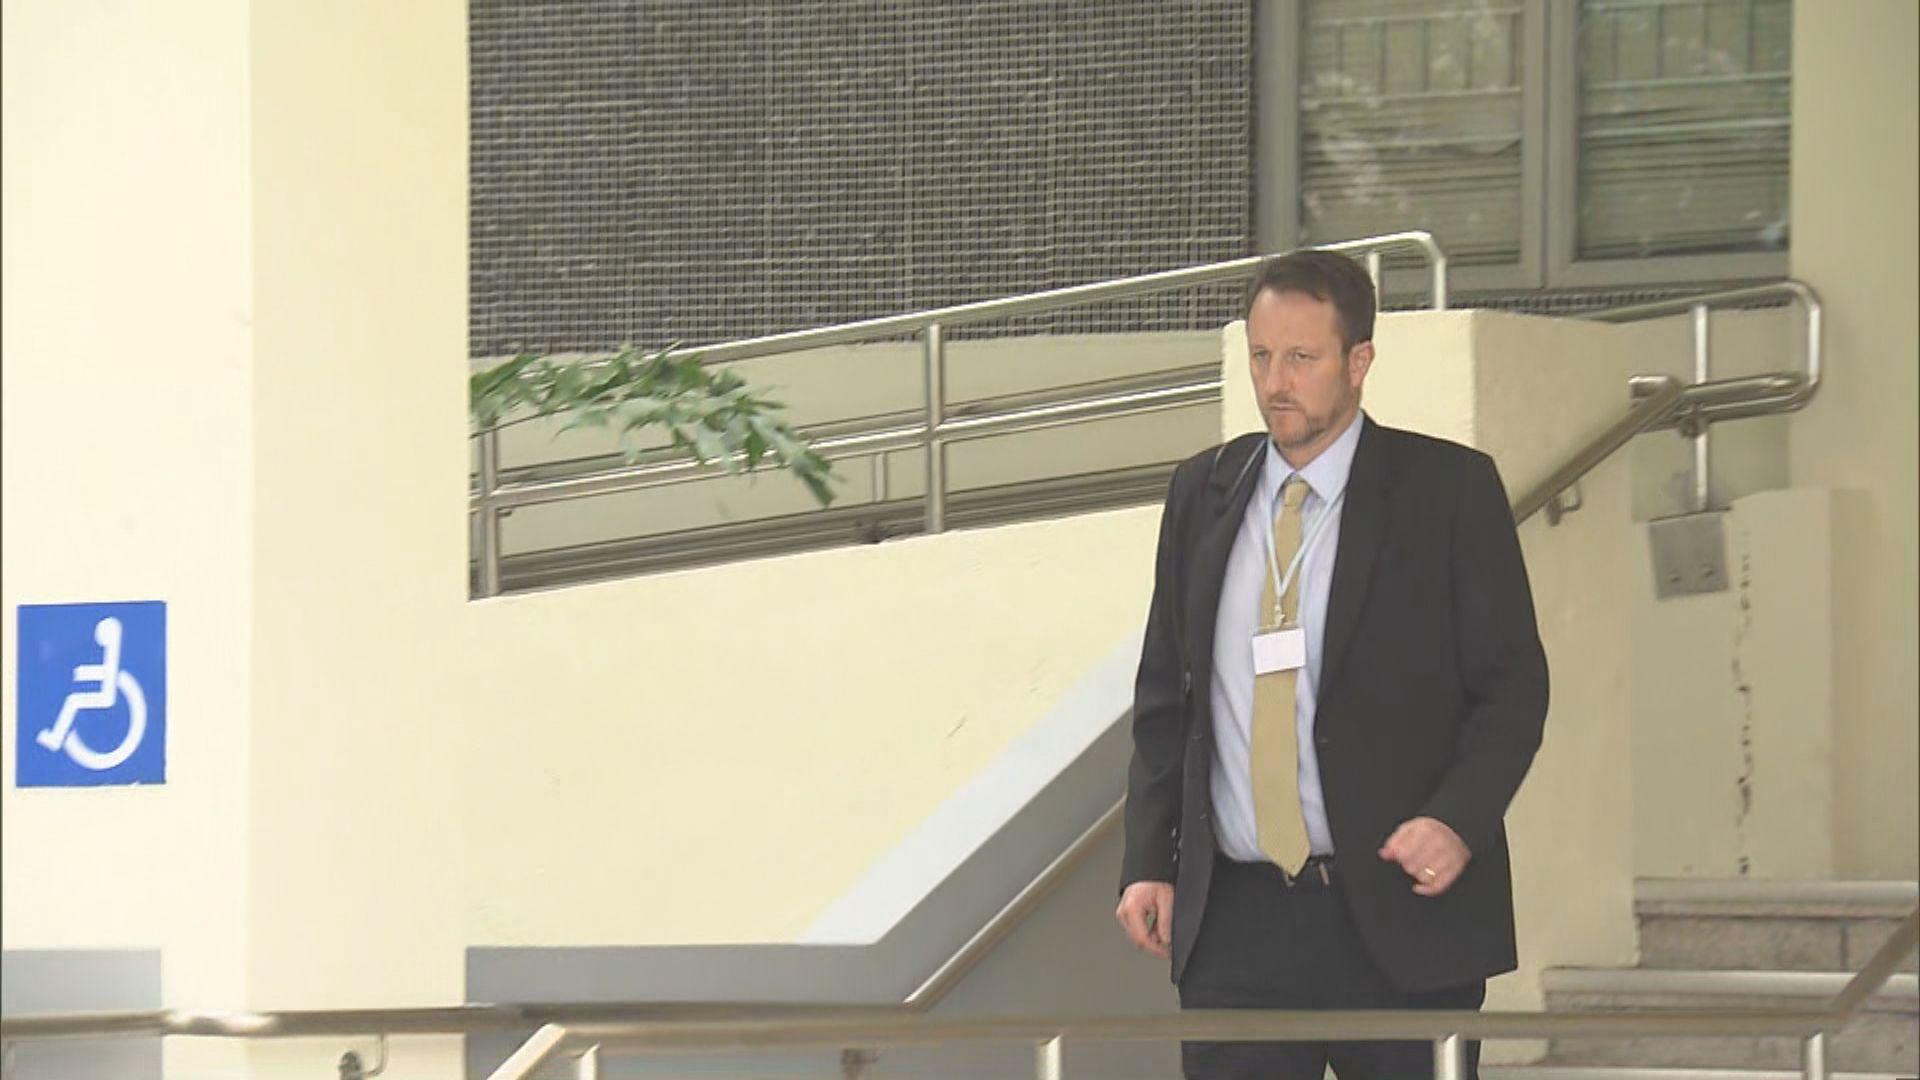 禮頓否認給中科額外工程費想令潘焯鴻收聲